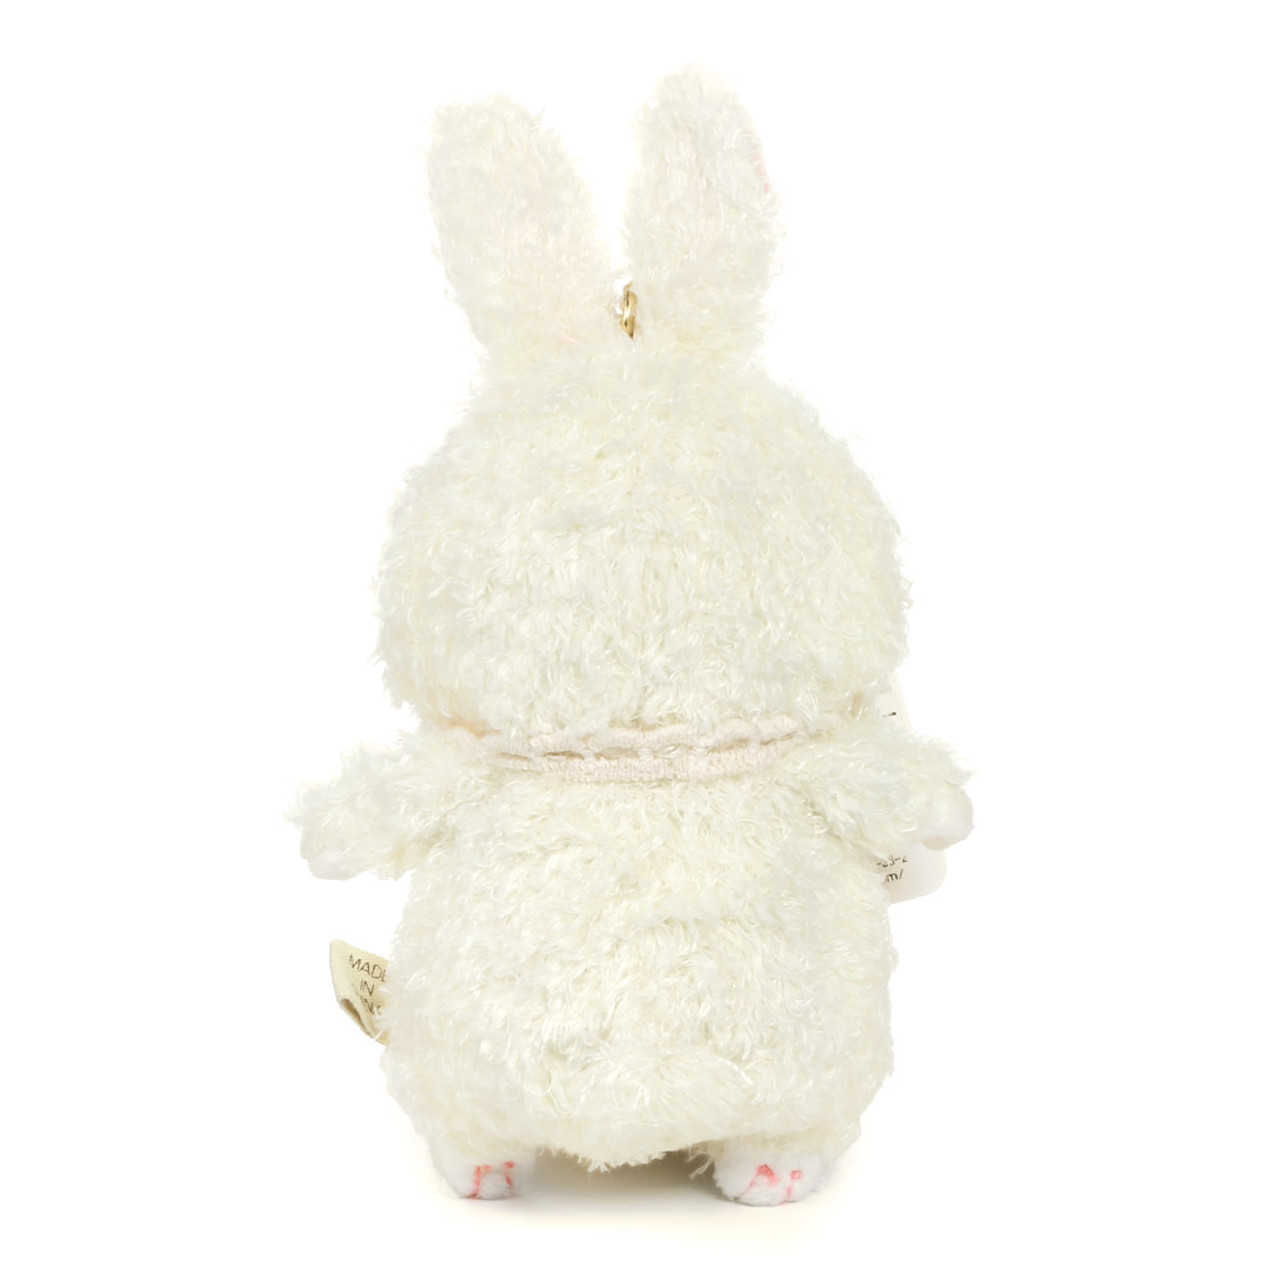 Naito Design Tot Series Rabbit Doll Charms - Lamu ( Back View )